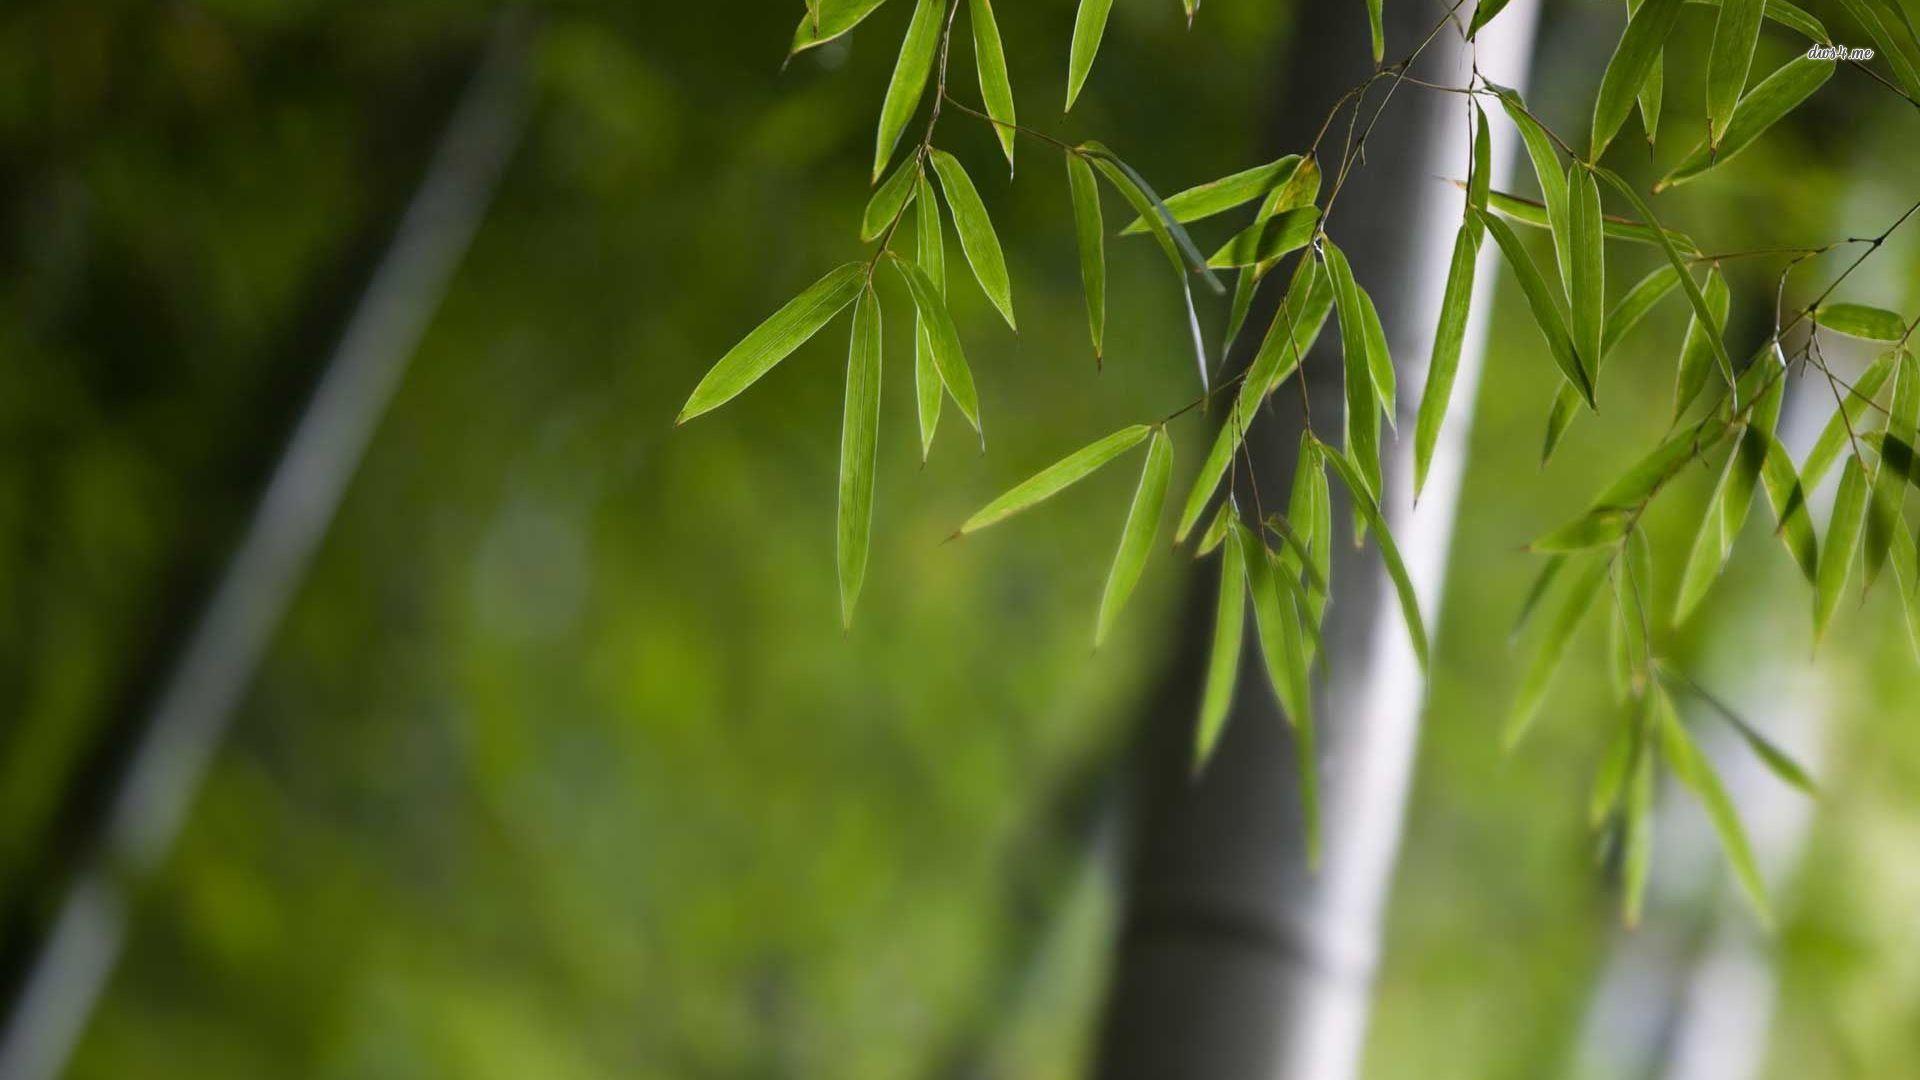 zen bamboo wallpapers top